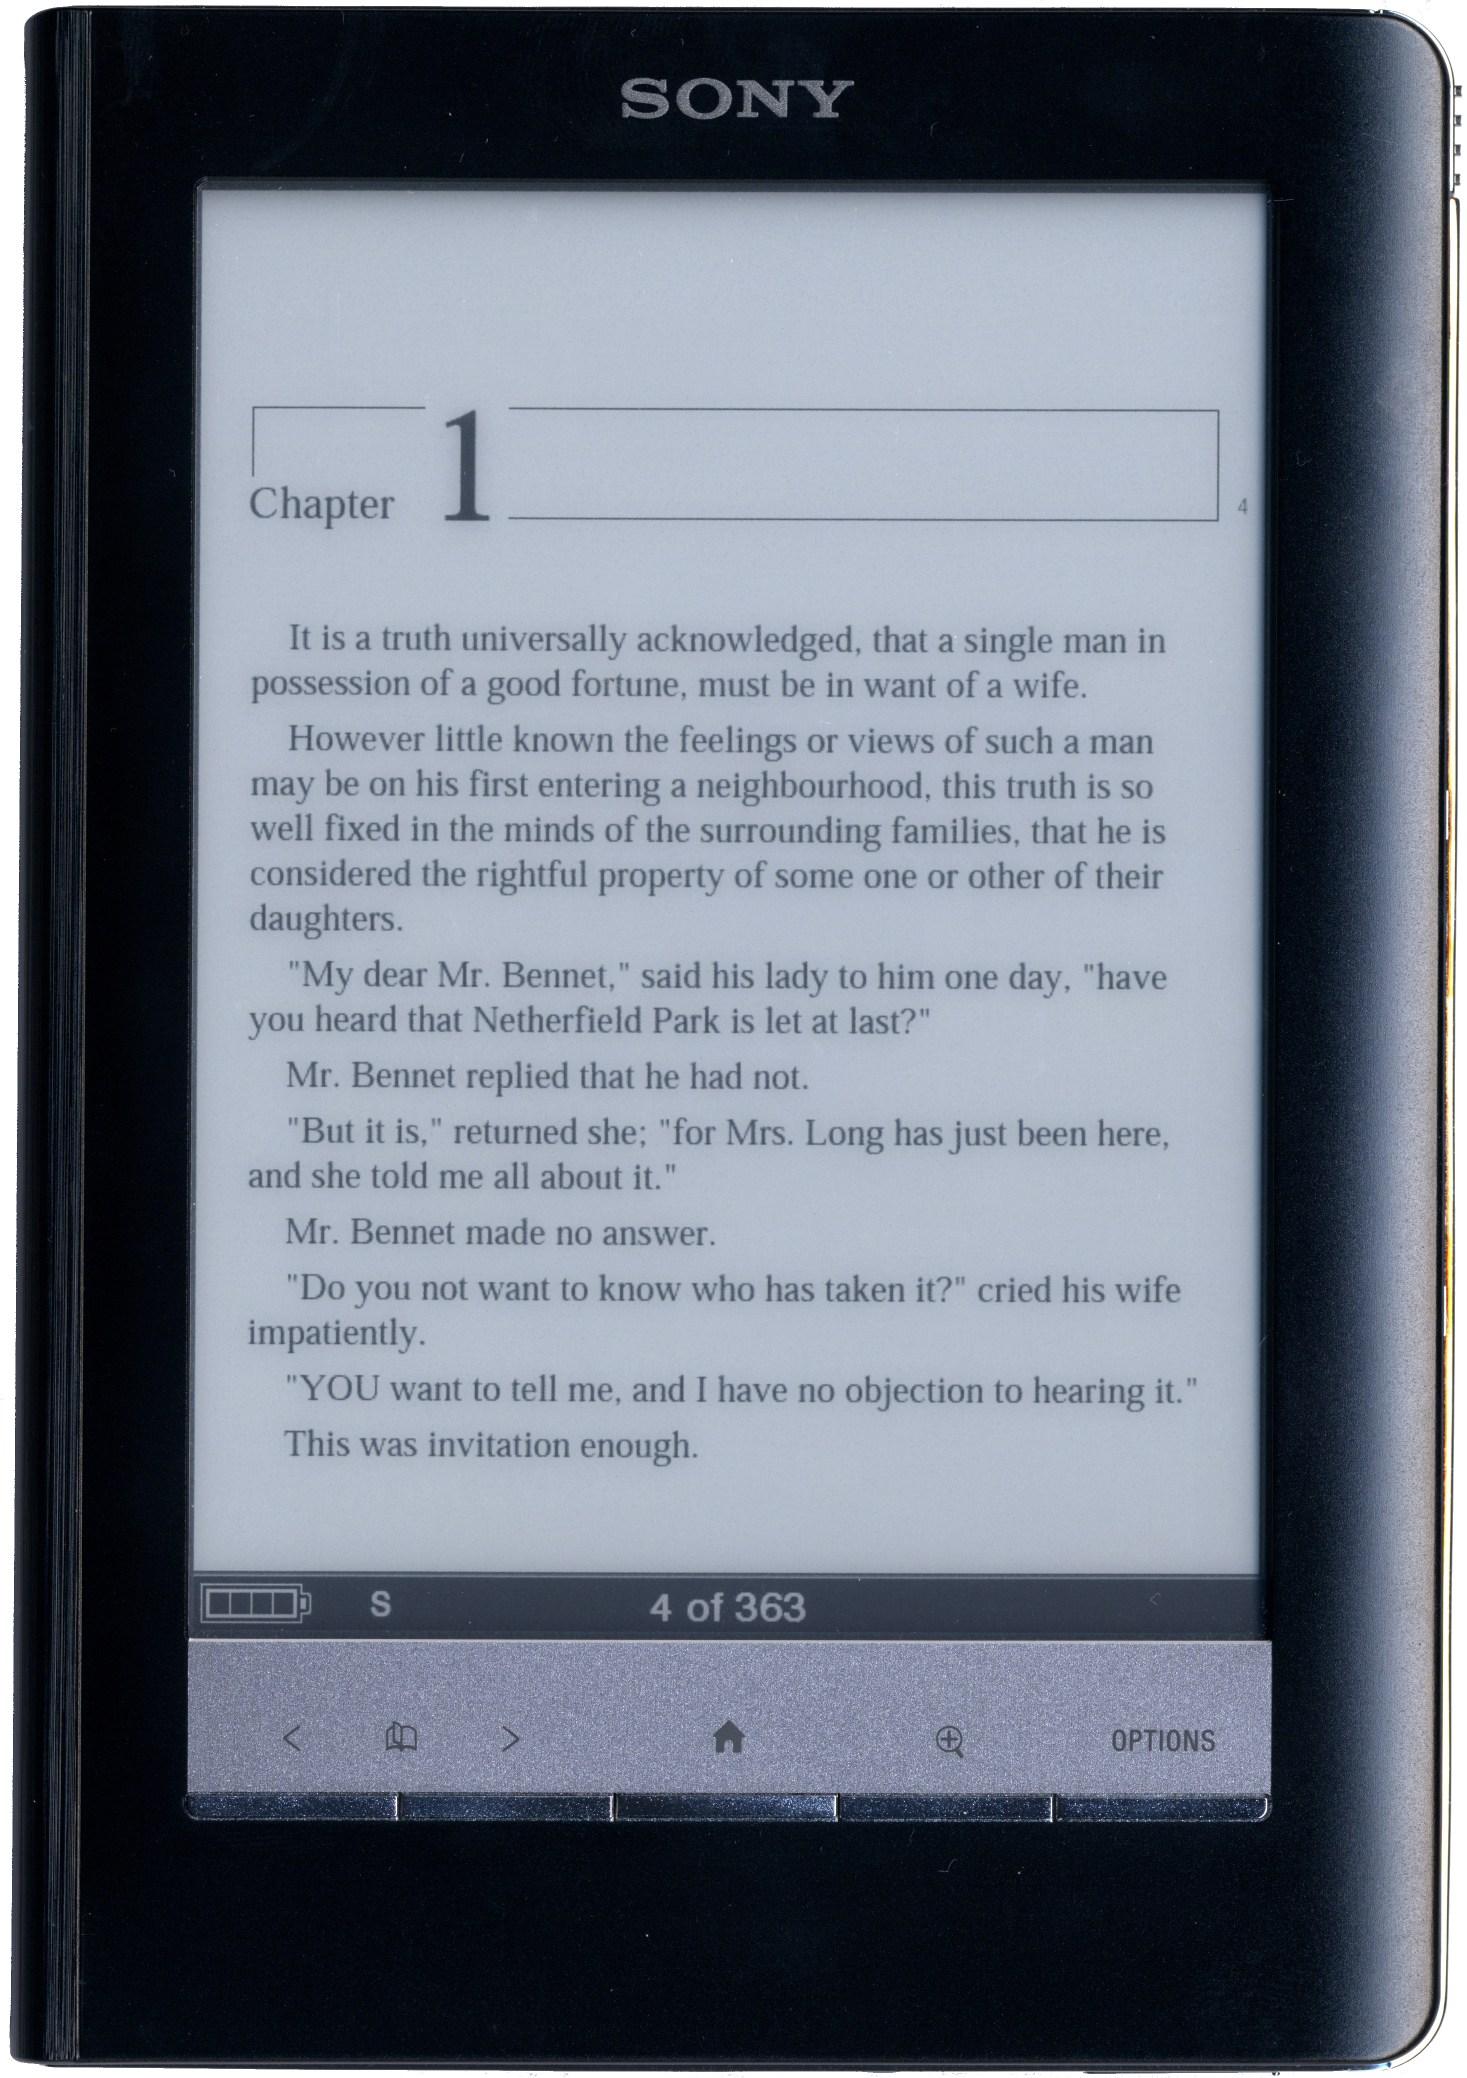 download ebook reader für android auf deutsch aldiko book reader 3 0 ...